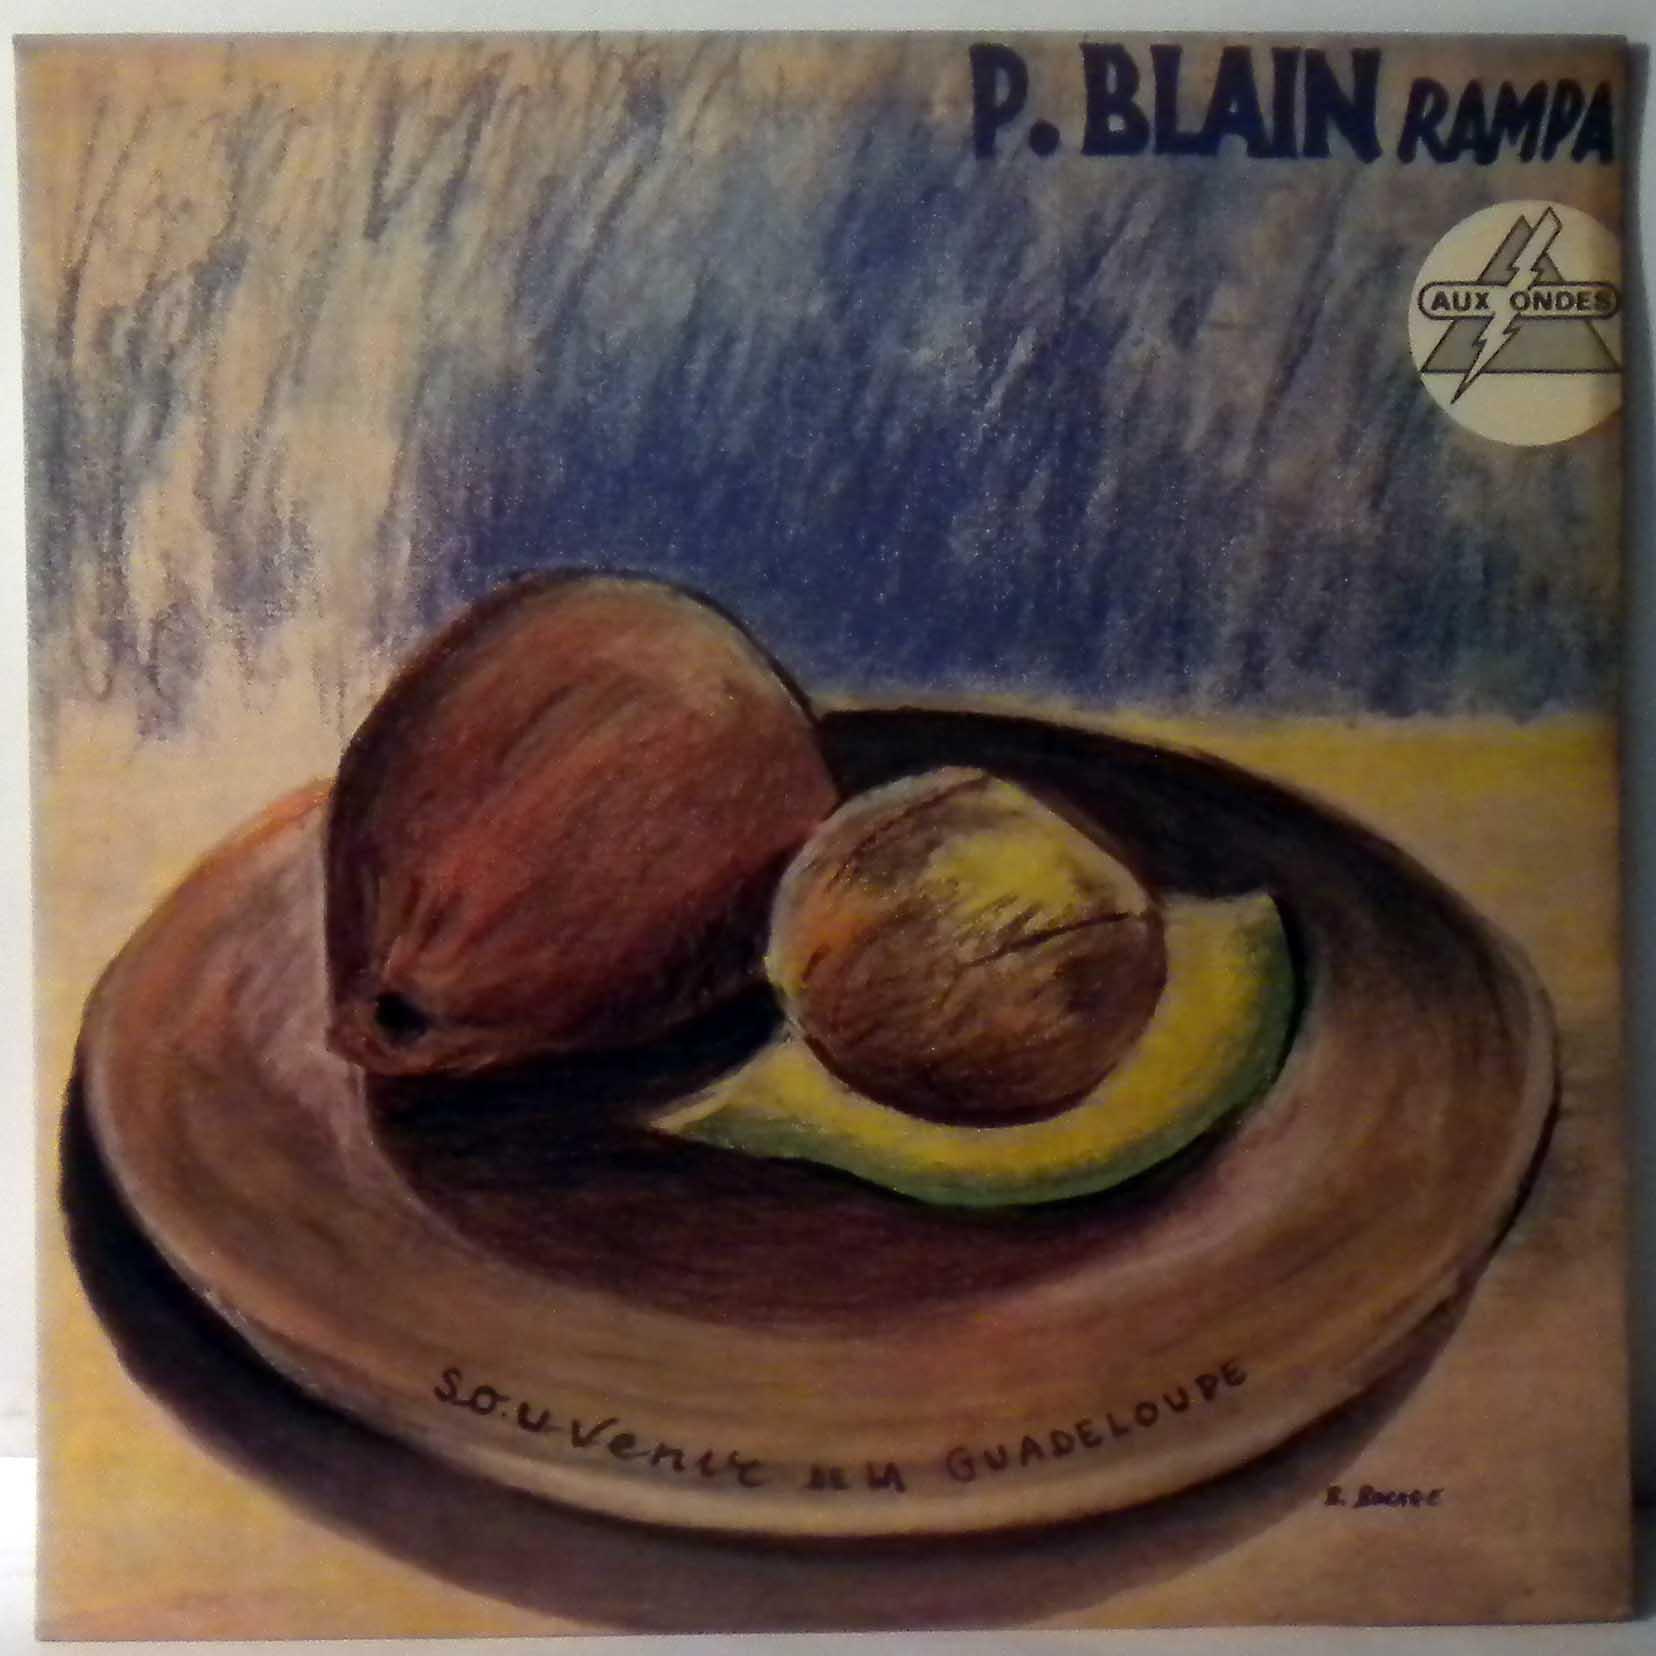 PIERRE BLAIN - Rampa - LP